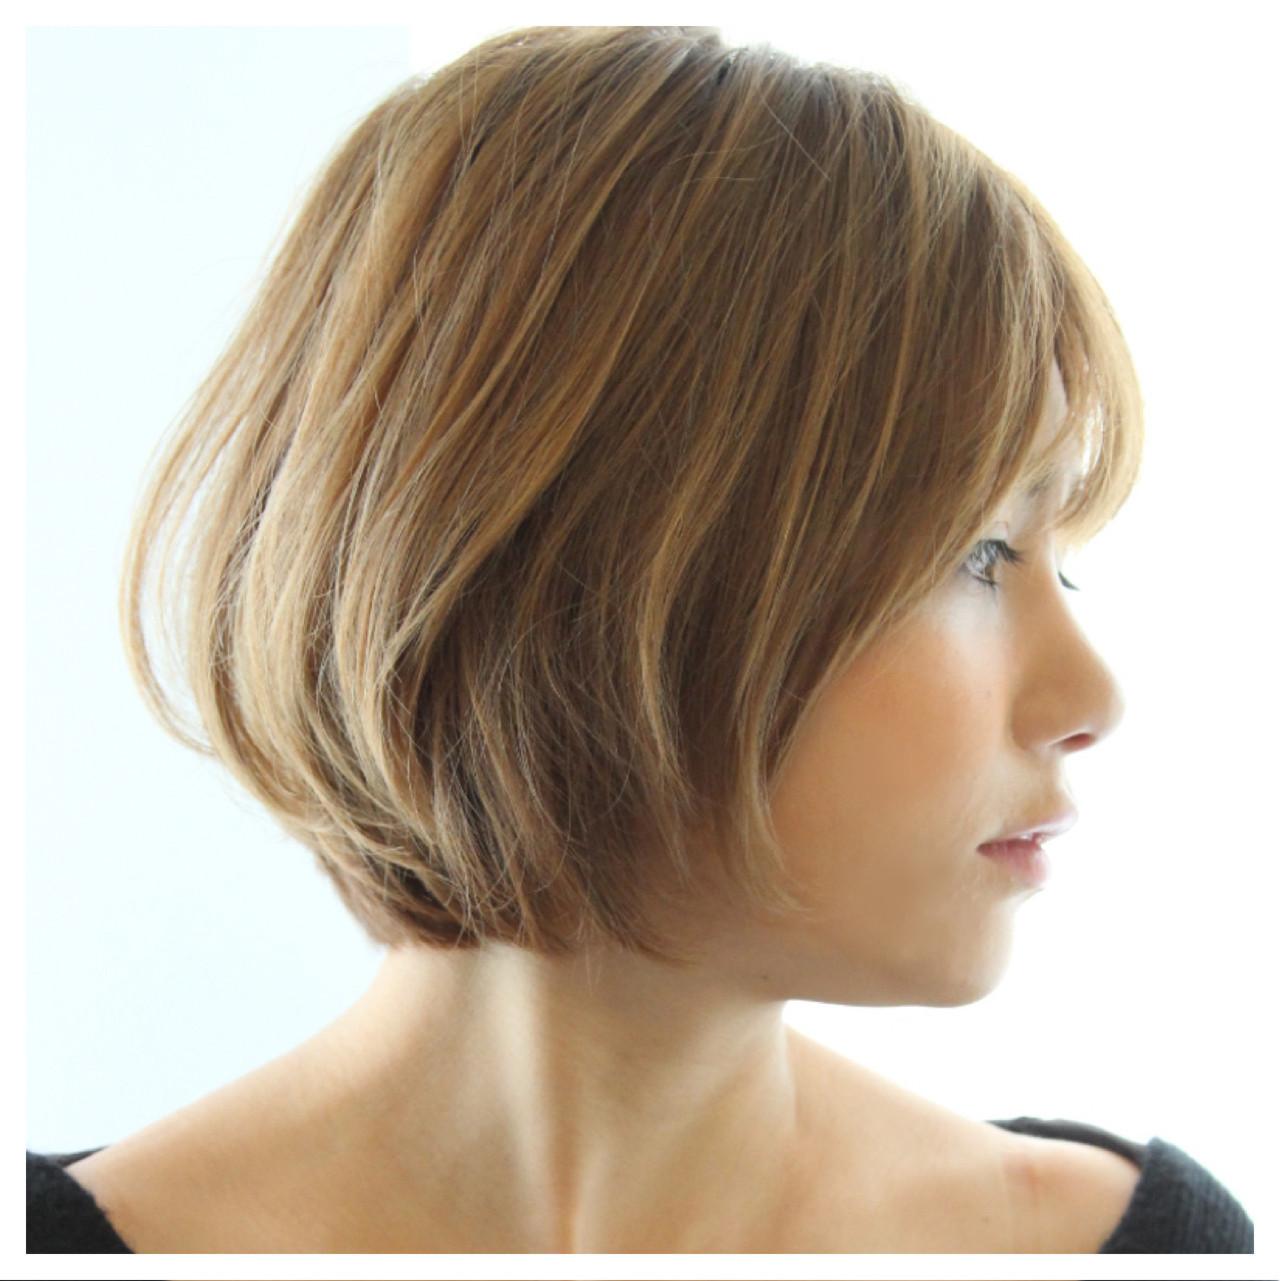 大人女子 ボブ 色気 こなれ感 ヘアスタイルや髪型の写真・画像 | Masanori Yamasaki / Reuna(レウナ)